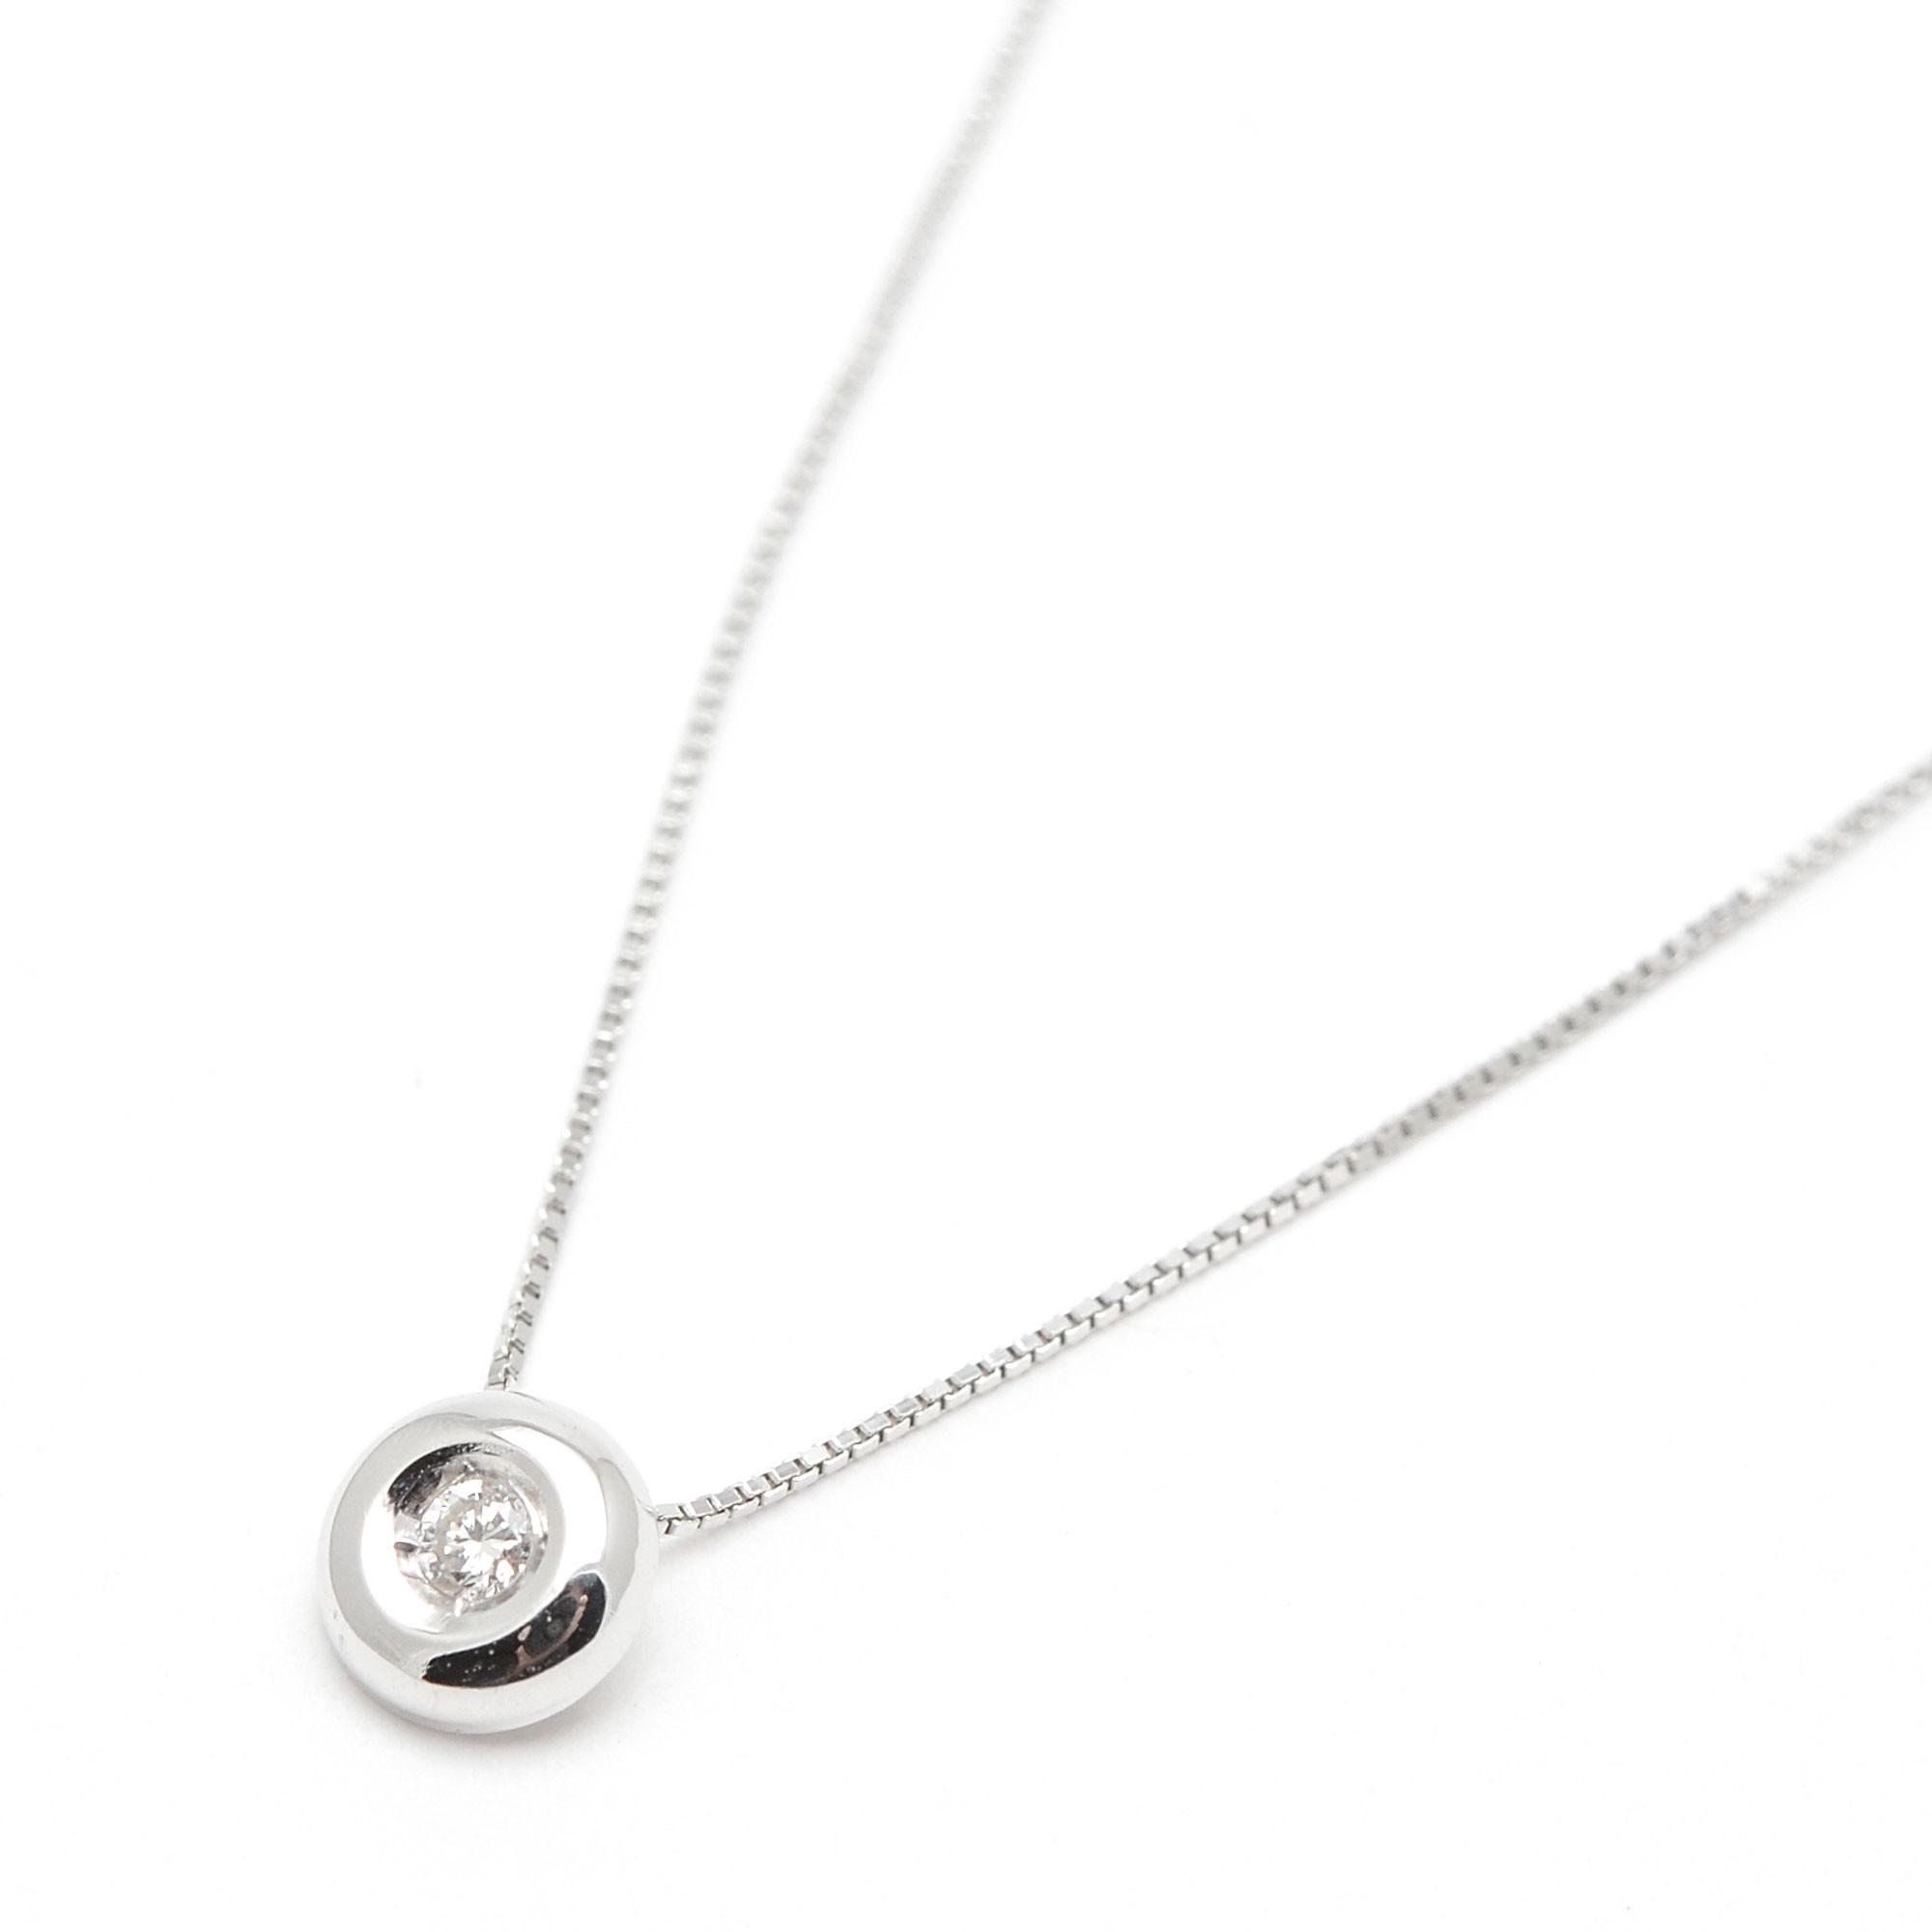 178b6029f3da Gargantilla de oro blanco de círculo con diamante